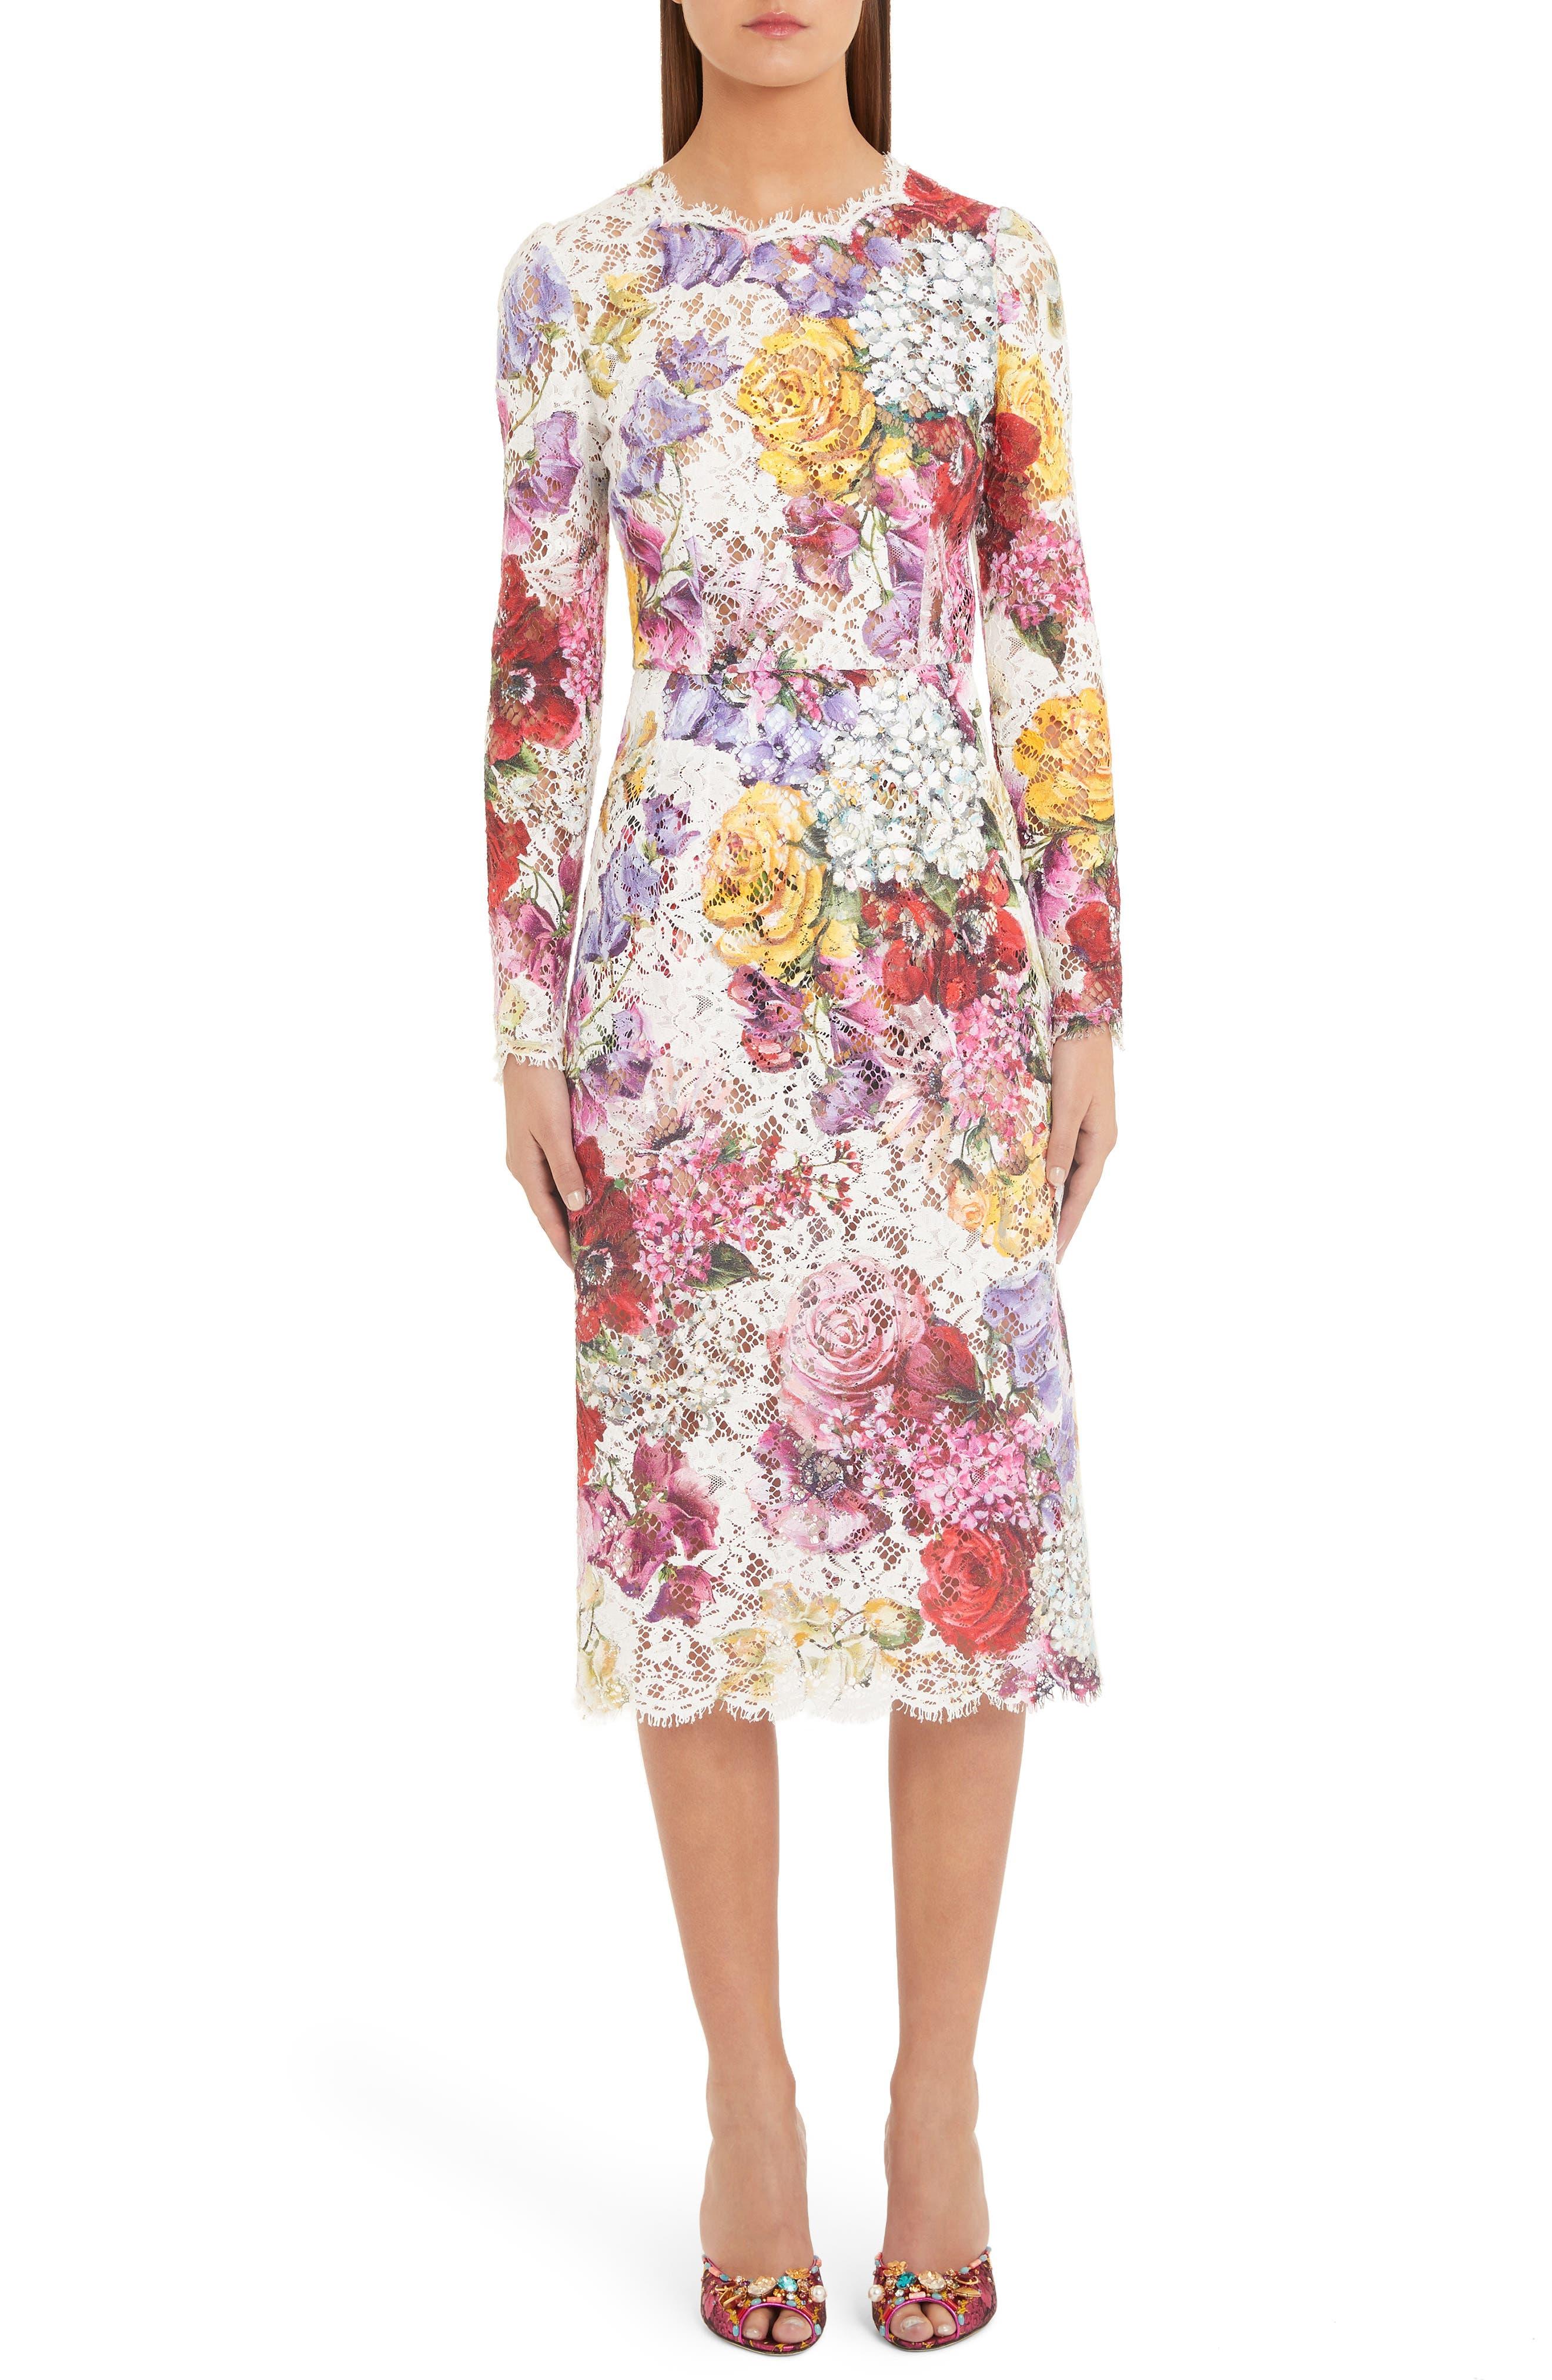 Dolce & gabbana Floral Print Lace Pencil Dress, 8 IT - White